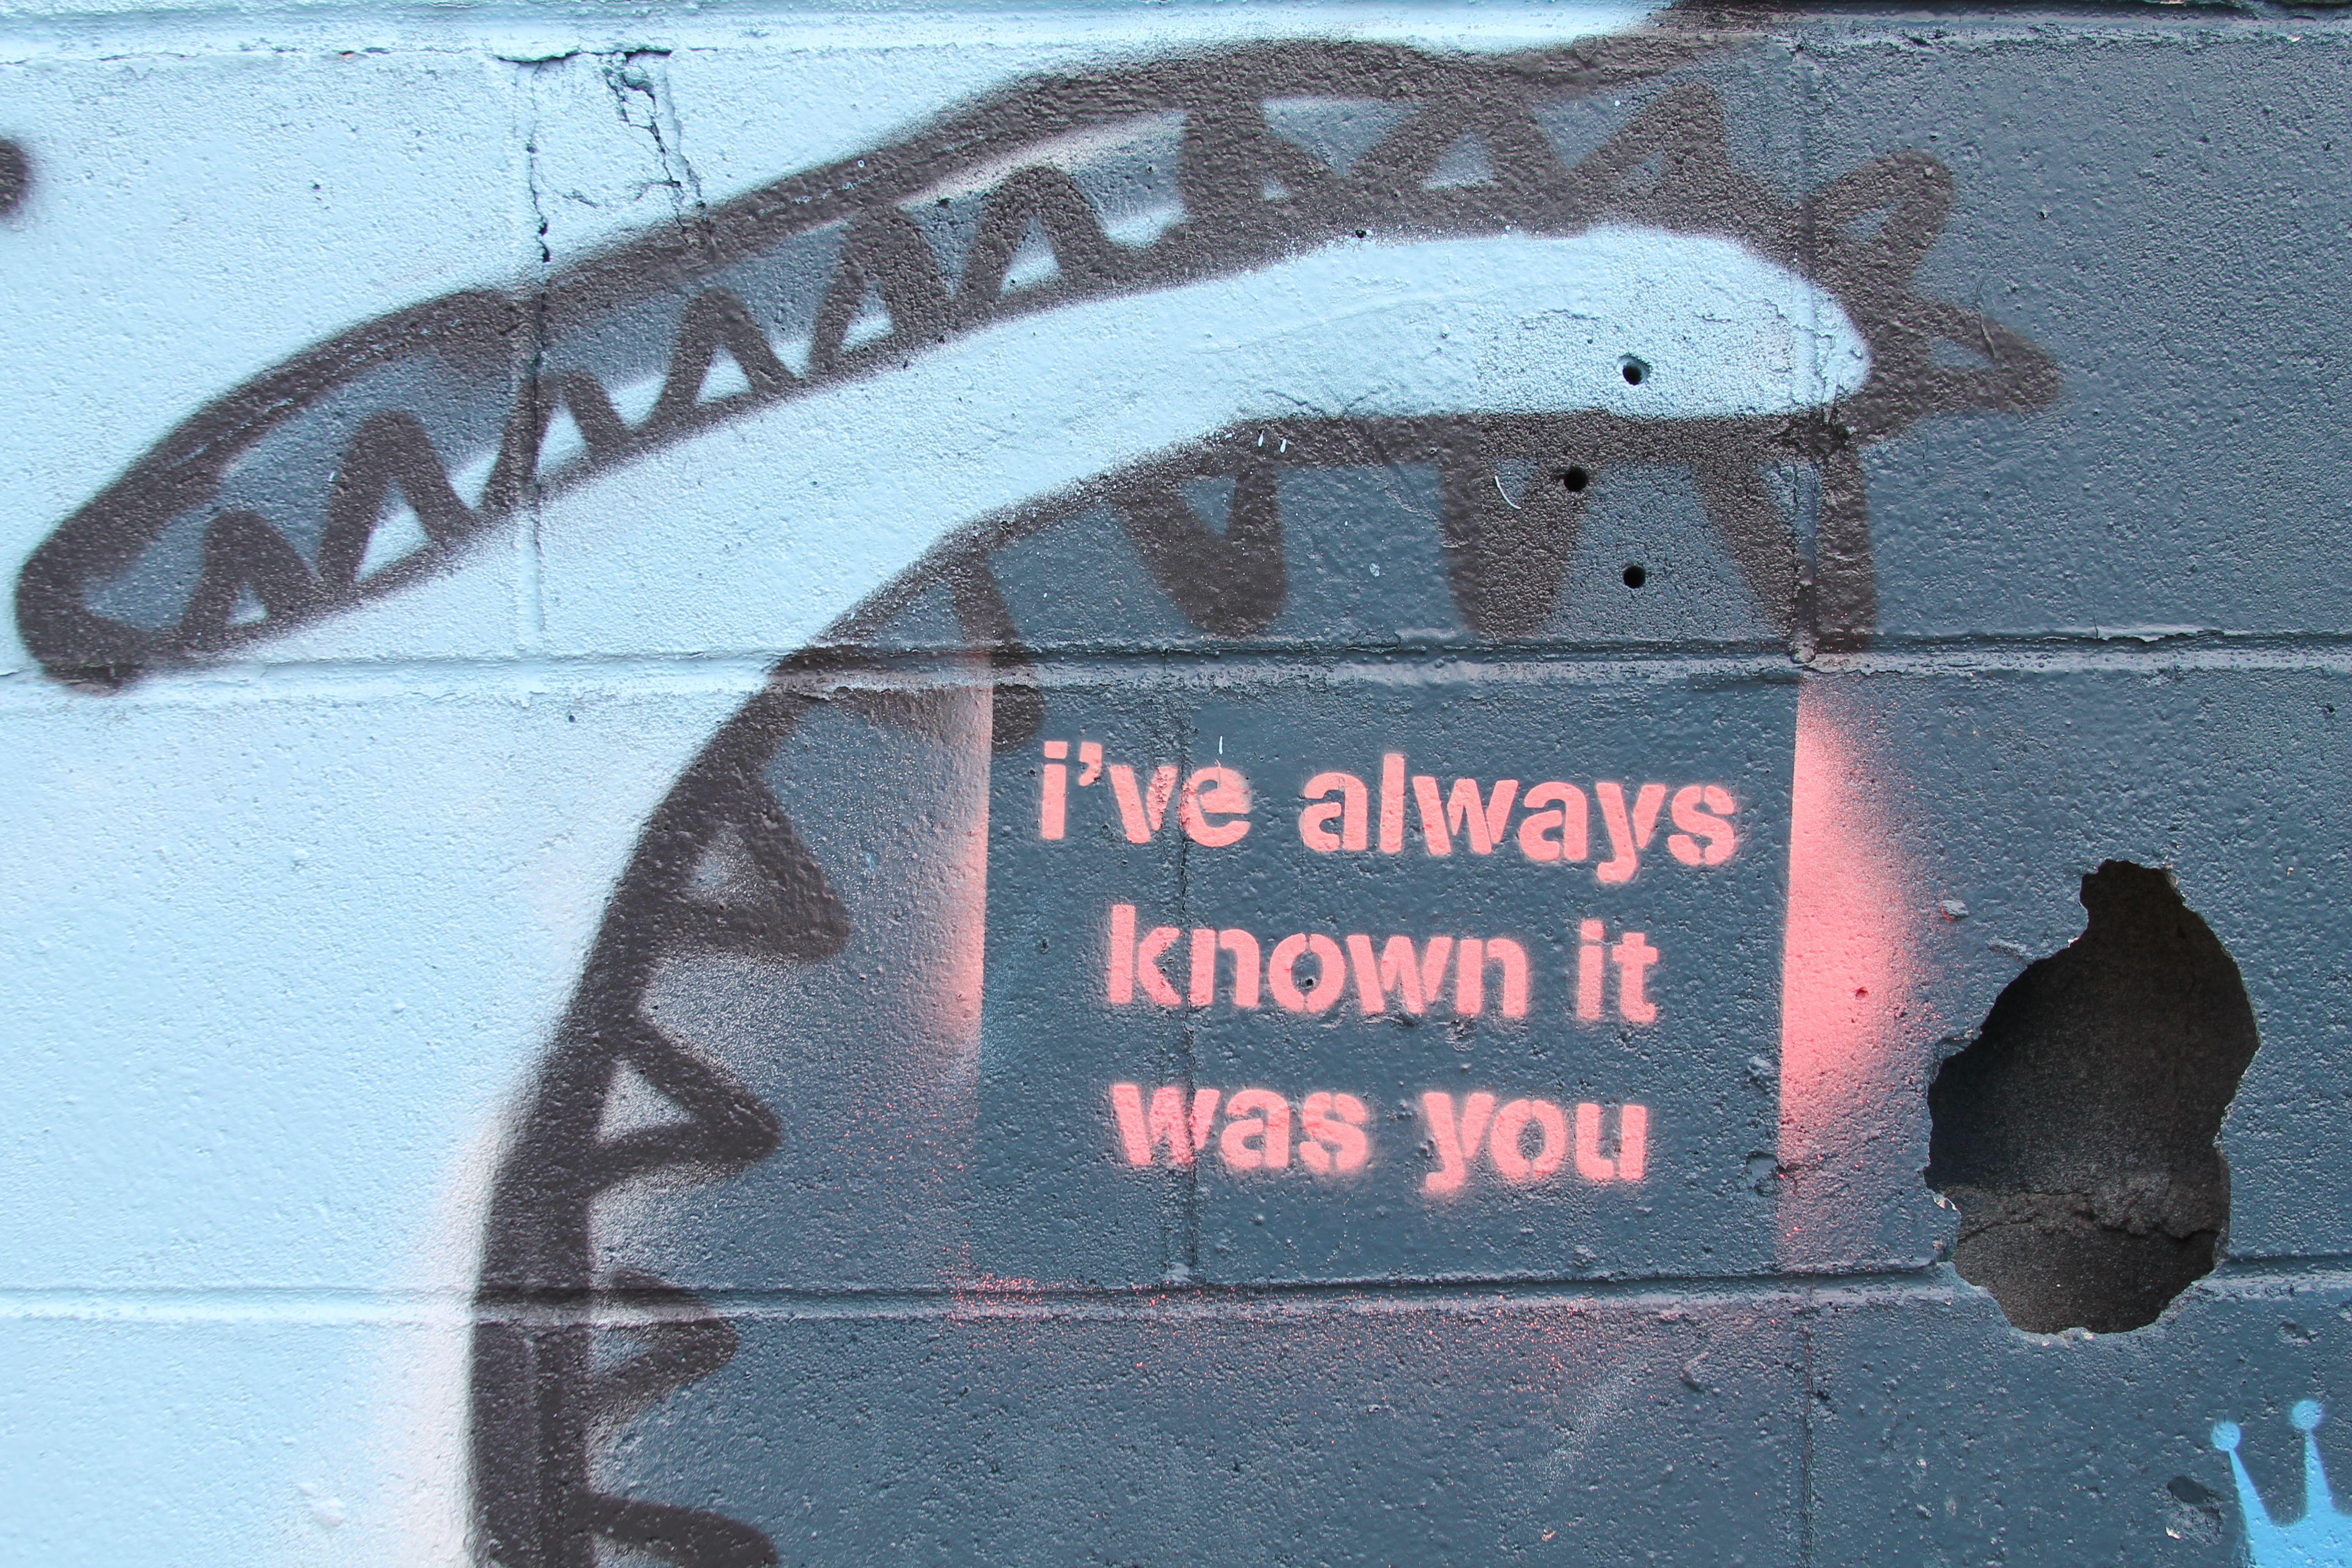 graffiti artwork quote